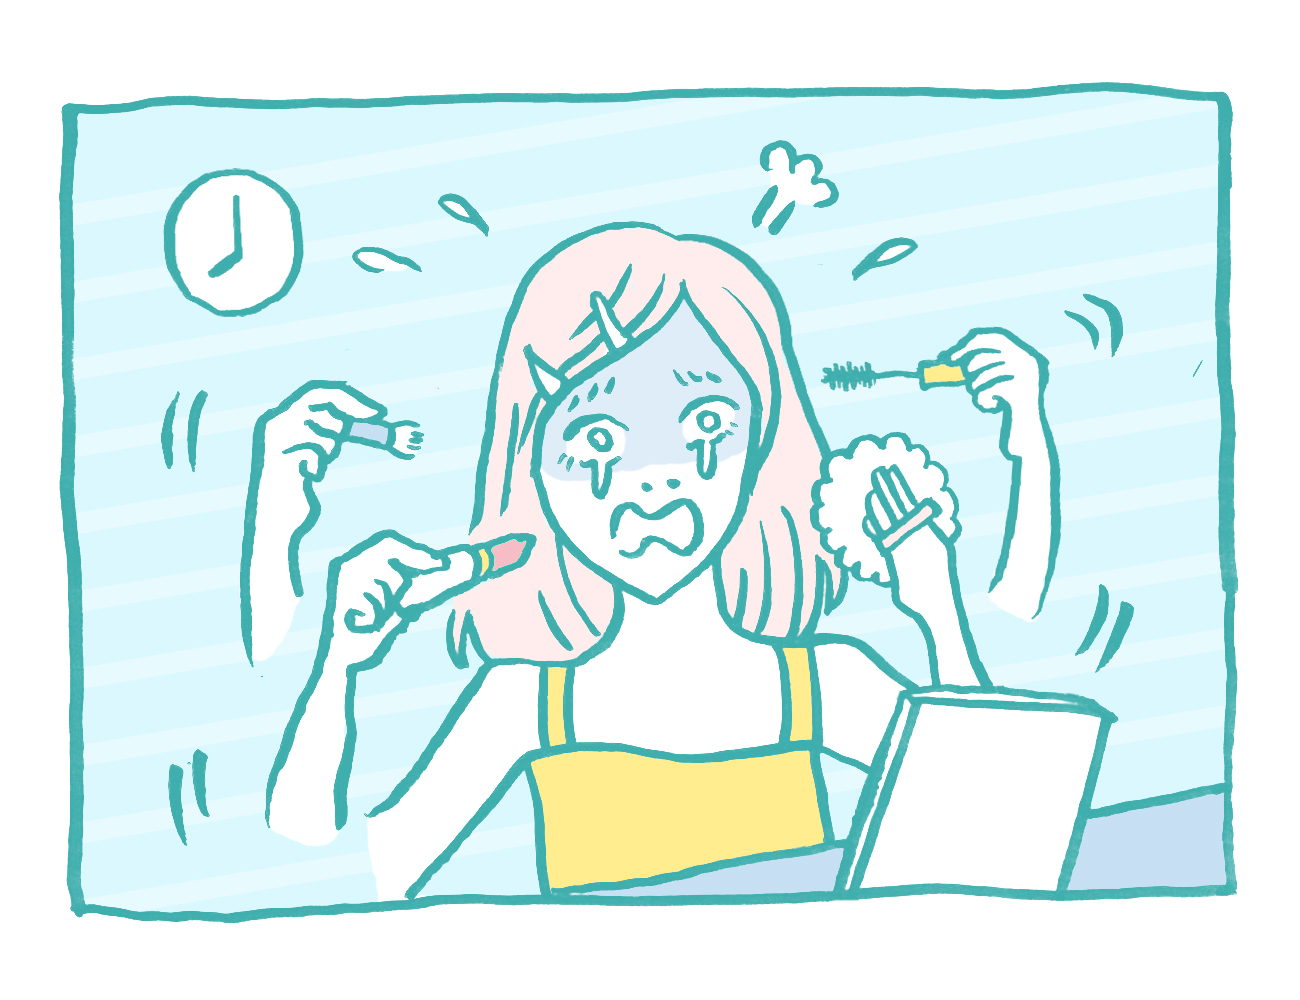 忙しい朝の化粧時間を短縮したい イラスト